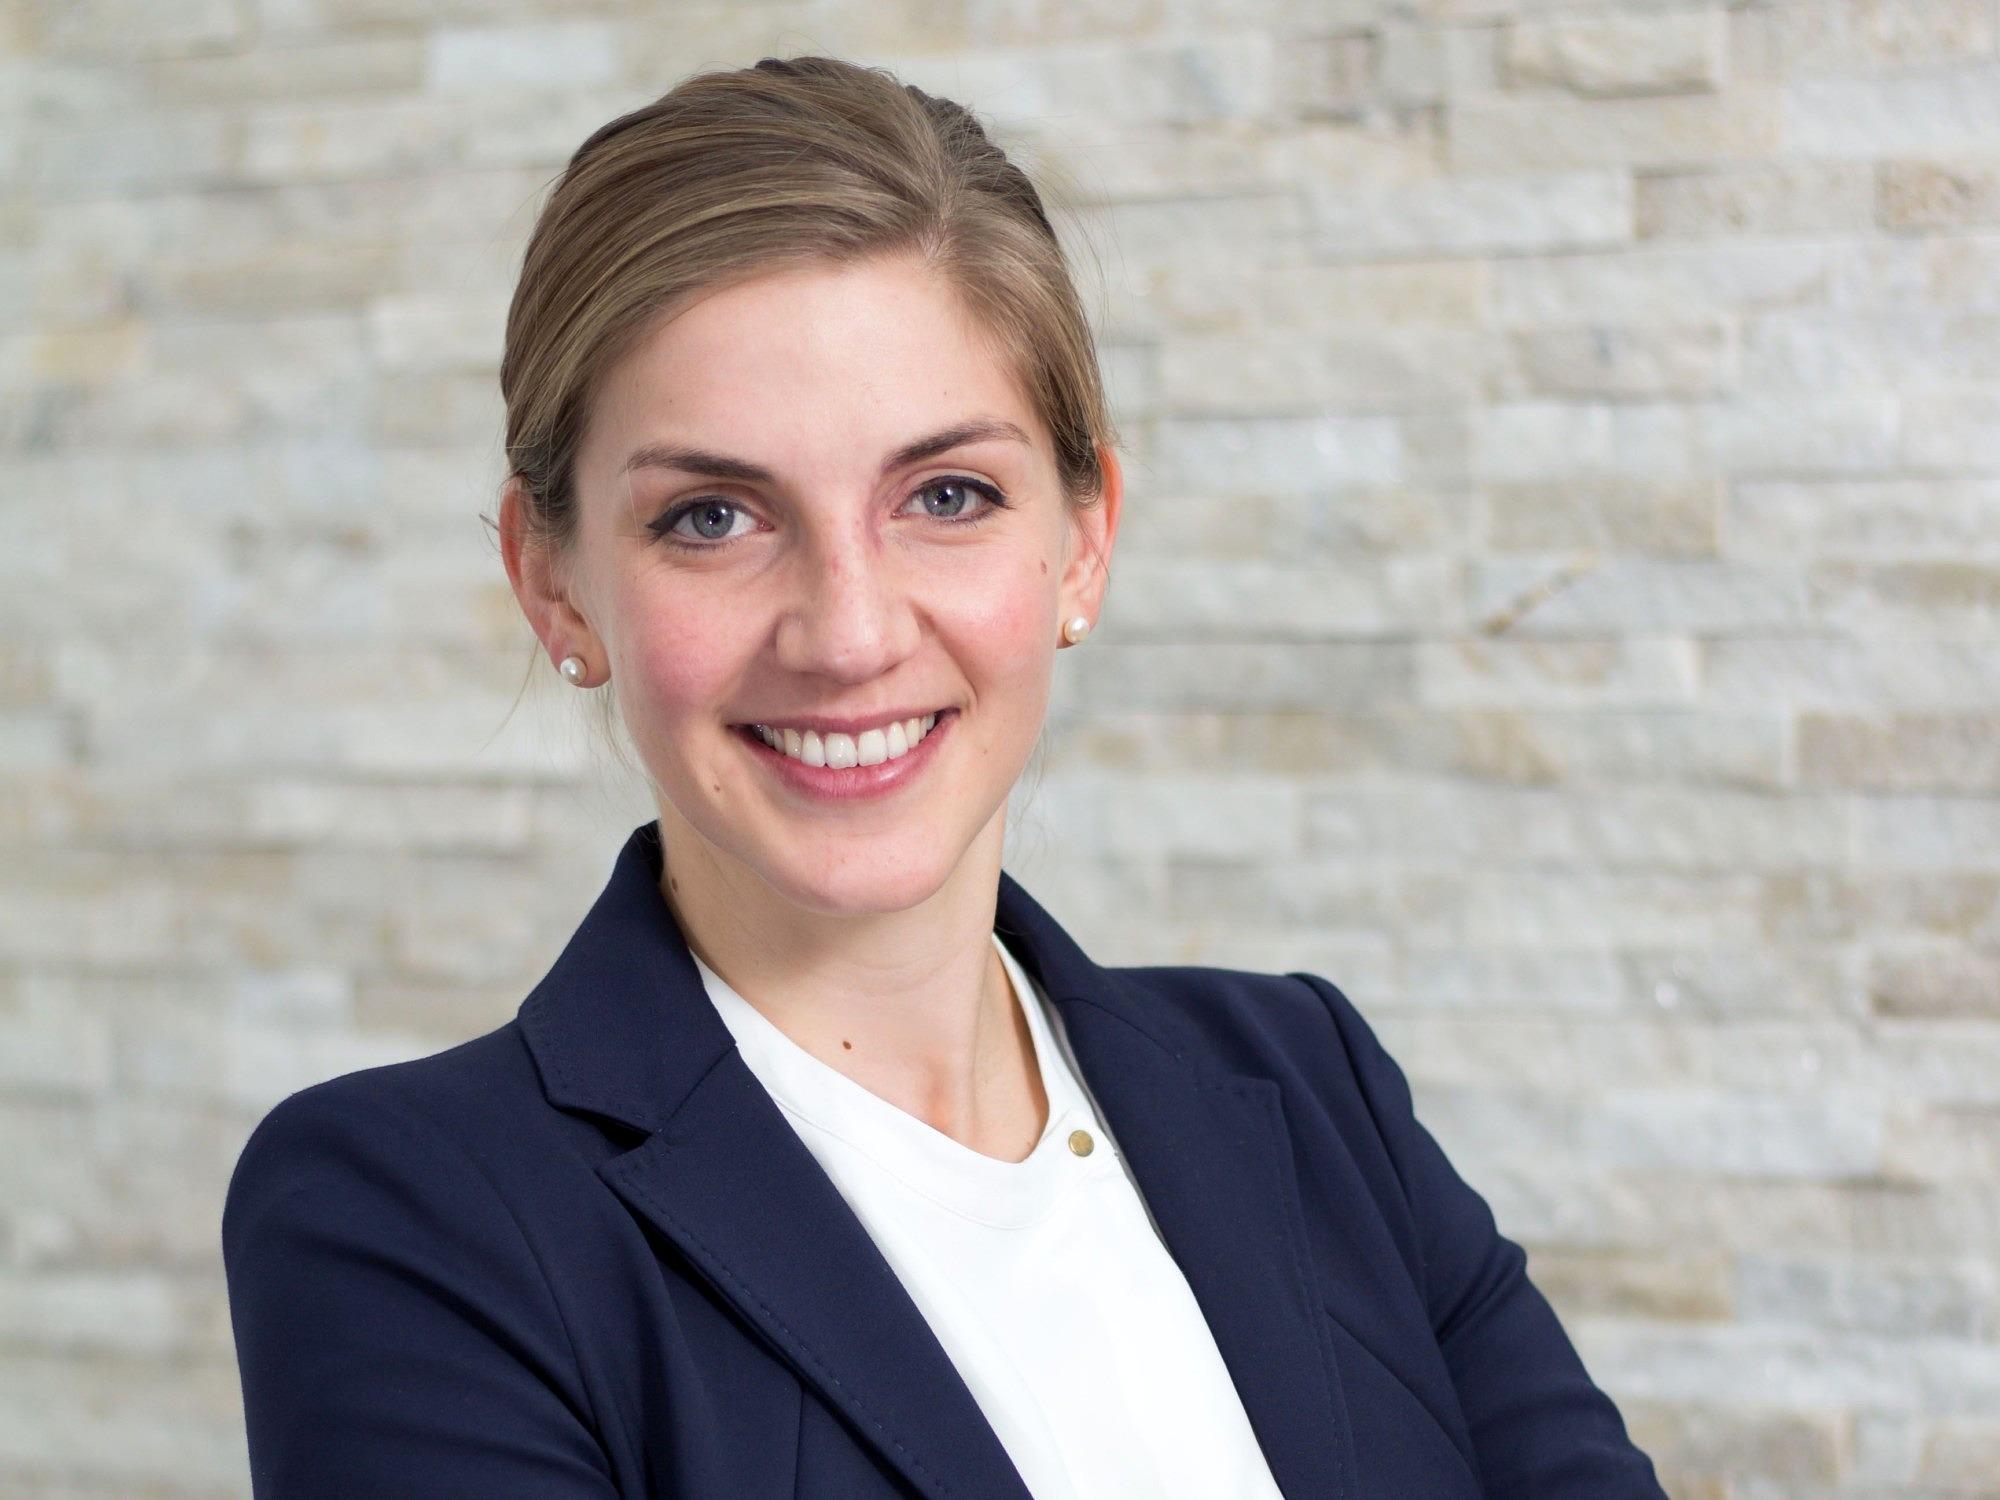 Veronika Seitz